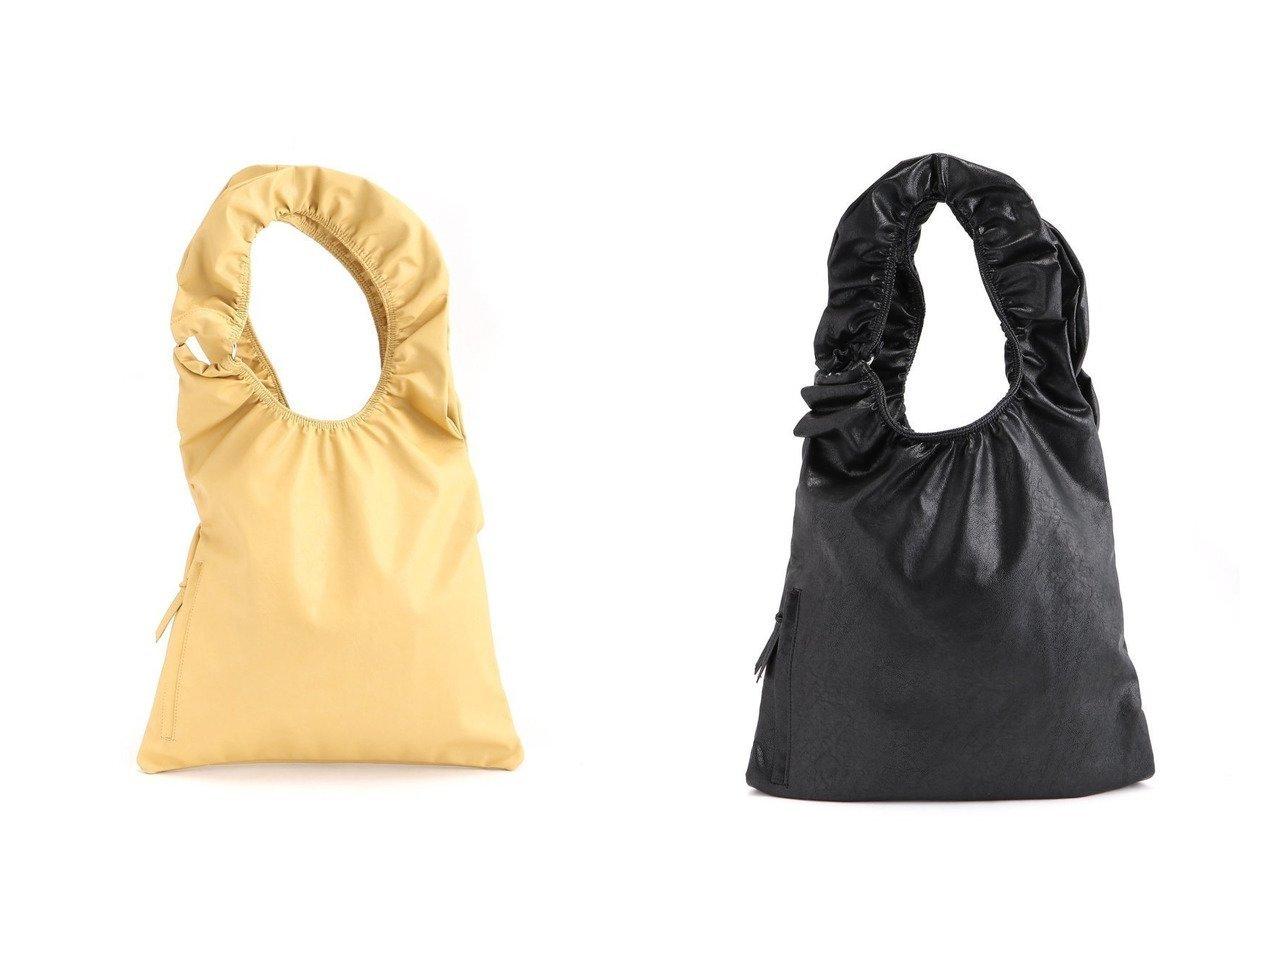 【JEANASiS/ジーナシス】のギャザーハンドルリングトート バッグ・鞄のおすすめ!人気、トレンド・レディースファッションの通販  おすすめで人気の流行・トレンド、ファッションの通販商品 メンズファッション・キッズファッション・インテリア・家具・レディースファッション・服の通販 founy(ファニー) https://founy.com/ ファッション Fashion レディースファッション WOMEN バッグ Bag NEW・新作・新着・新入荷 New Arrivals ギャザー シャーリング ショルダー フリル リラックス |ID:crp329100000015637